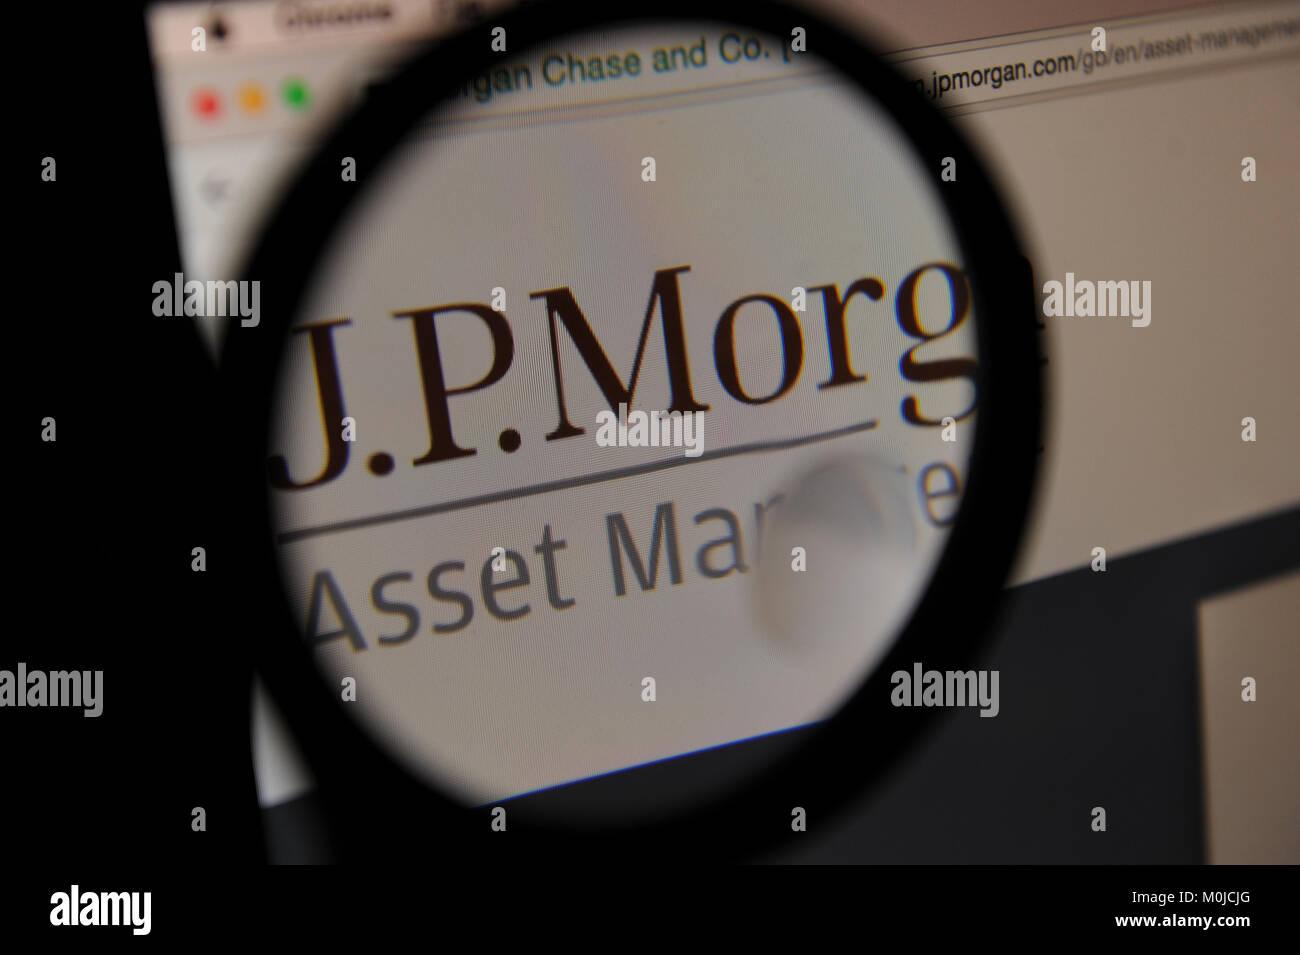 J P Morgan Stock Photos & J P Morgan Stock Images - Alamy